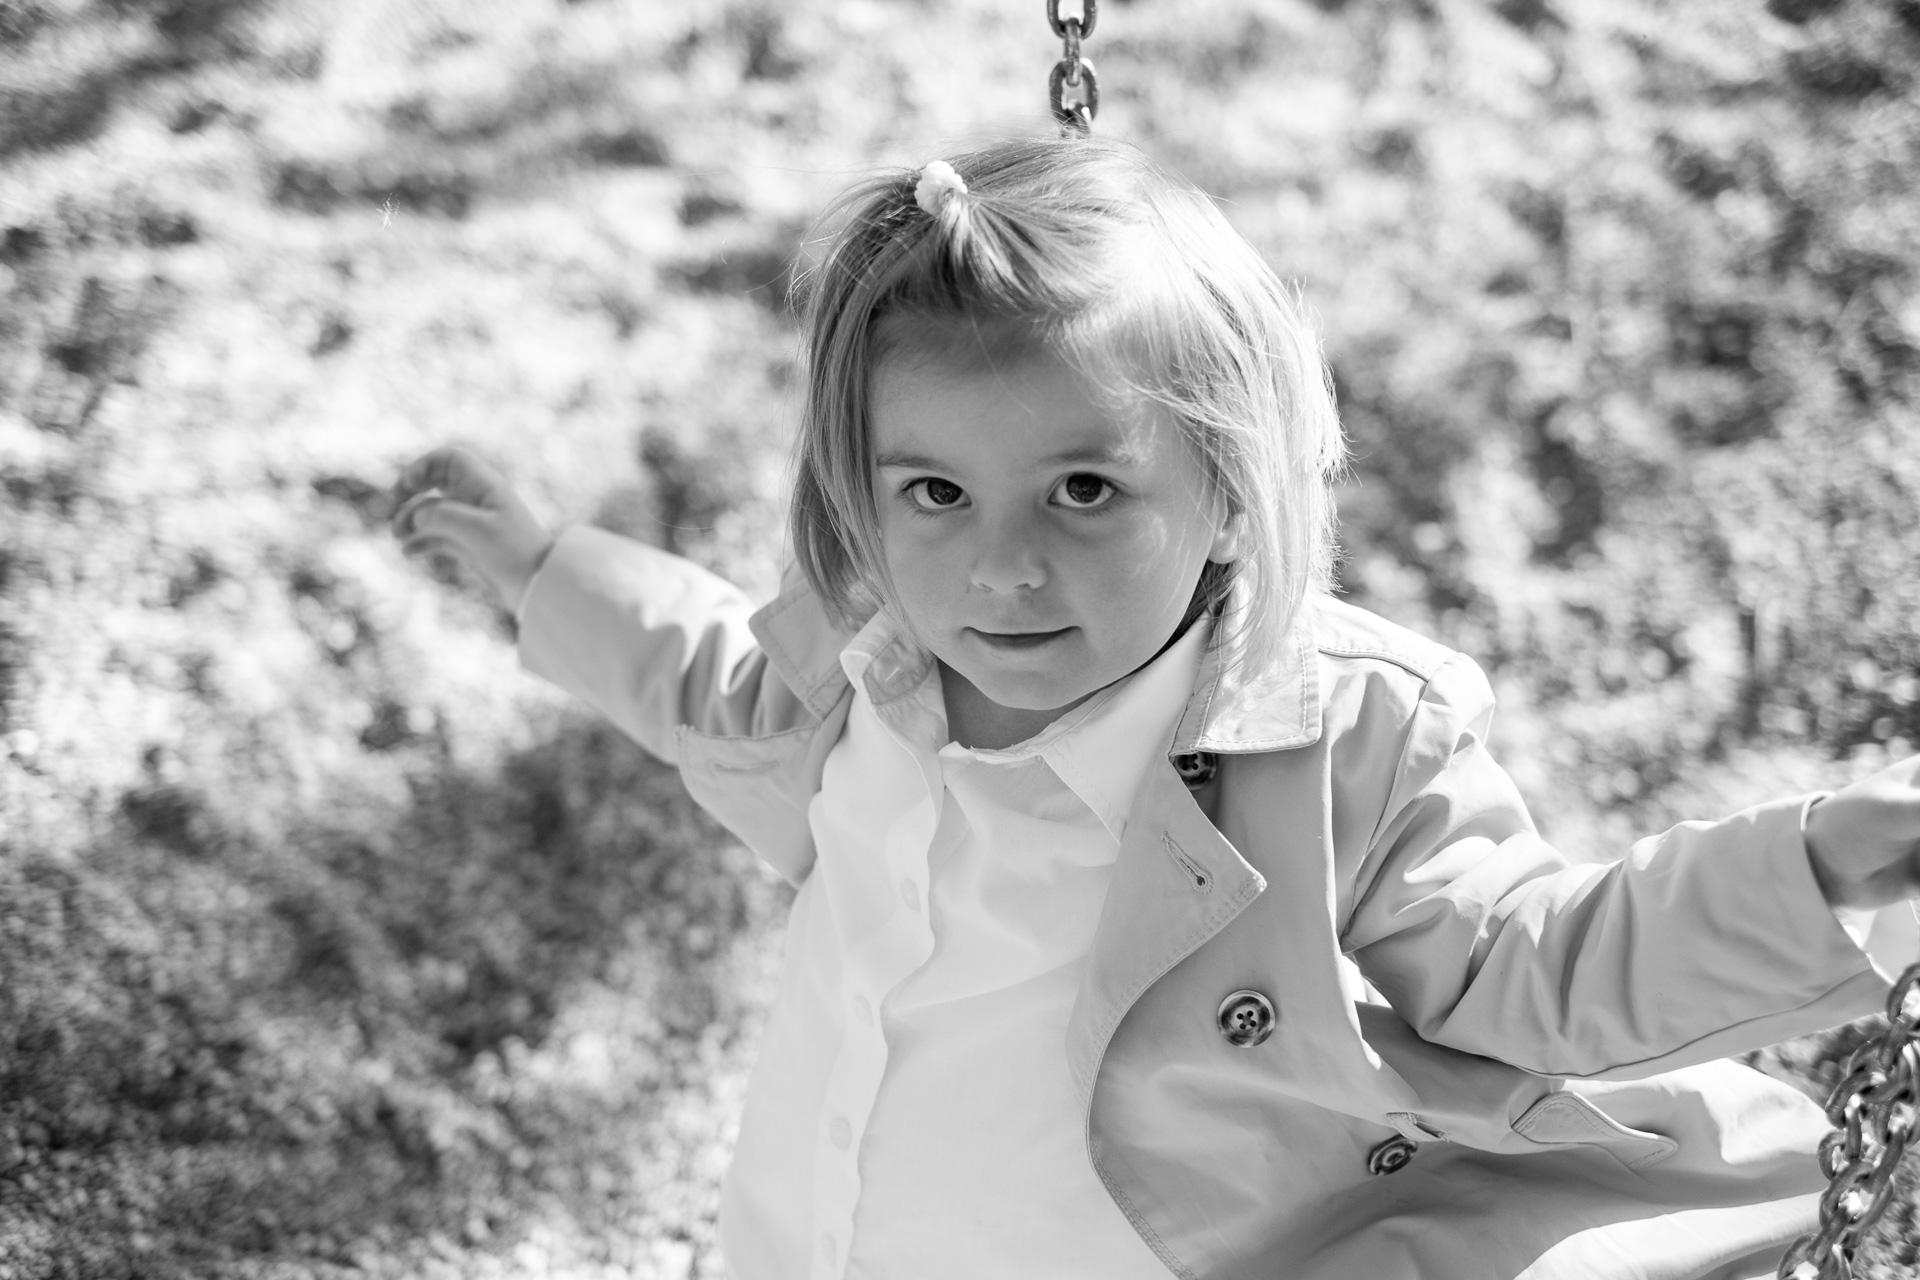 Kind im Trenchcoat an der Schaukel